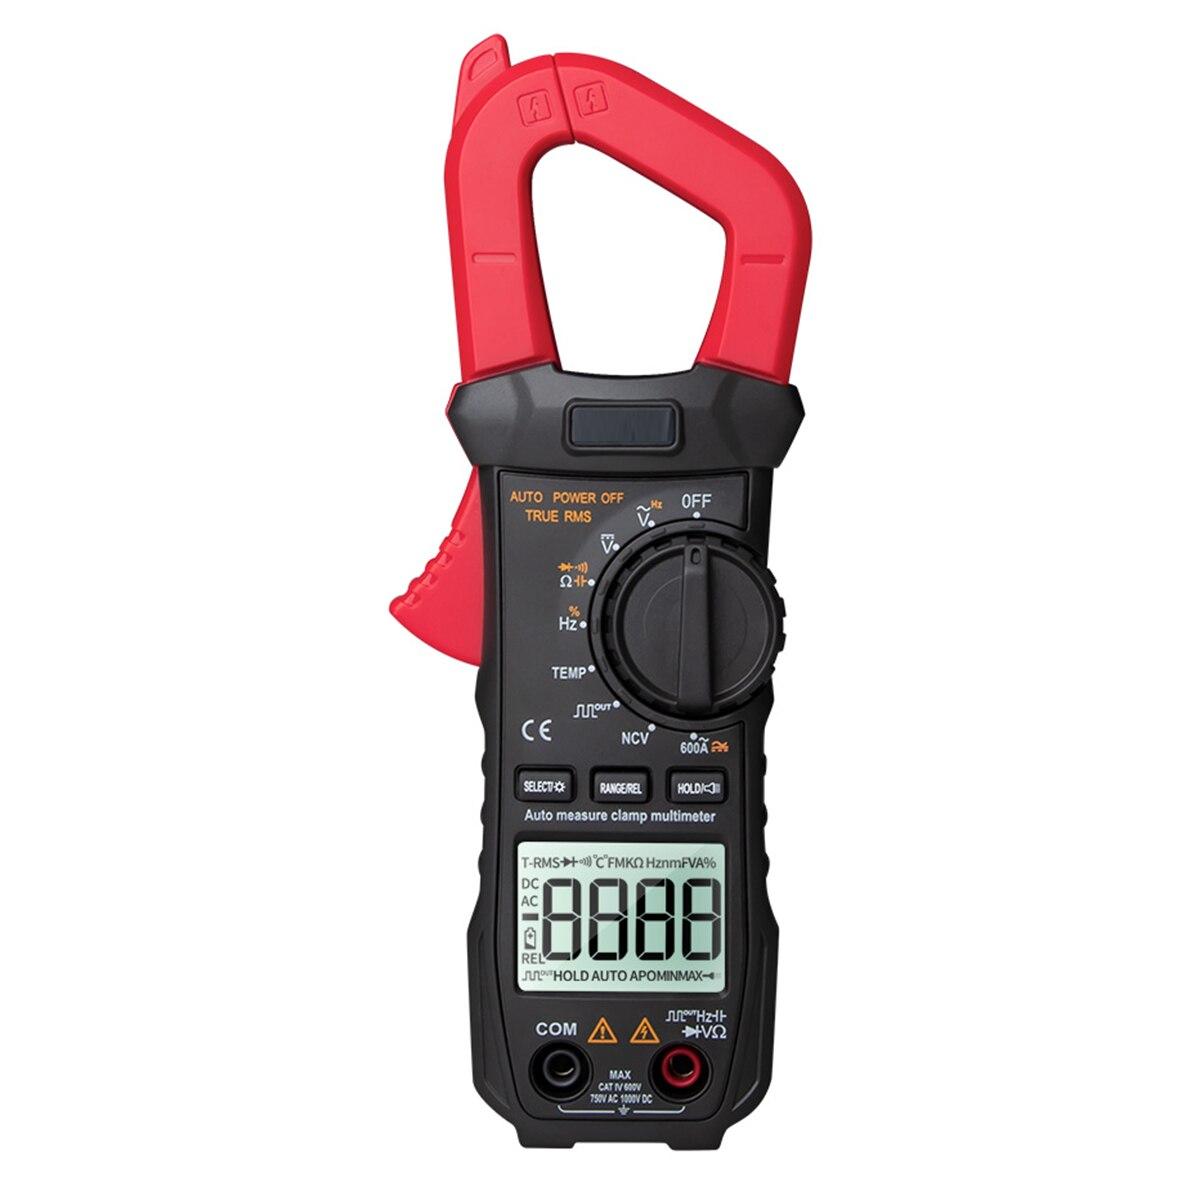 Aneng st209 digital multímetro braçadeira medidor 6000 contagens faixa automática verdadeiro rms dc/ac atual braçadeira tester voltímetro